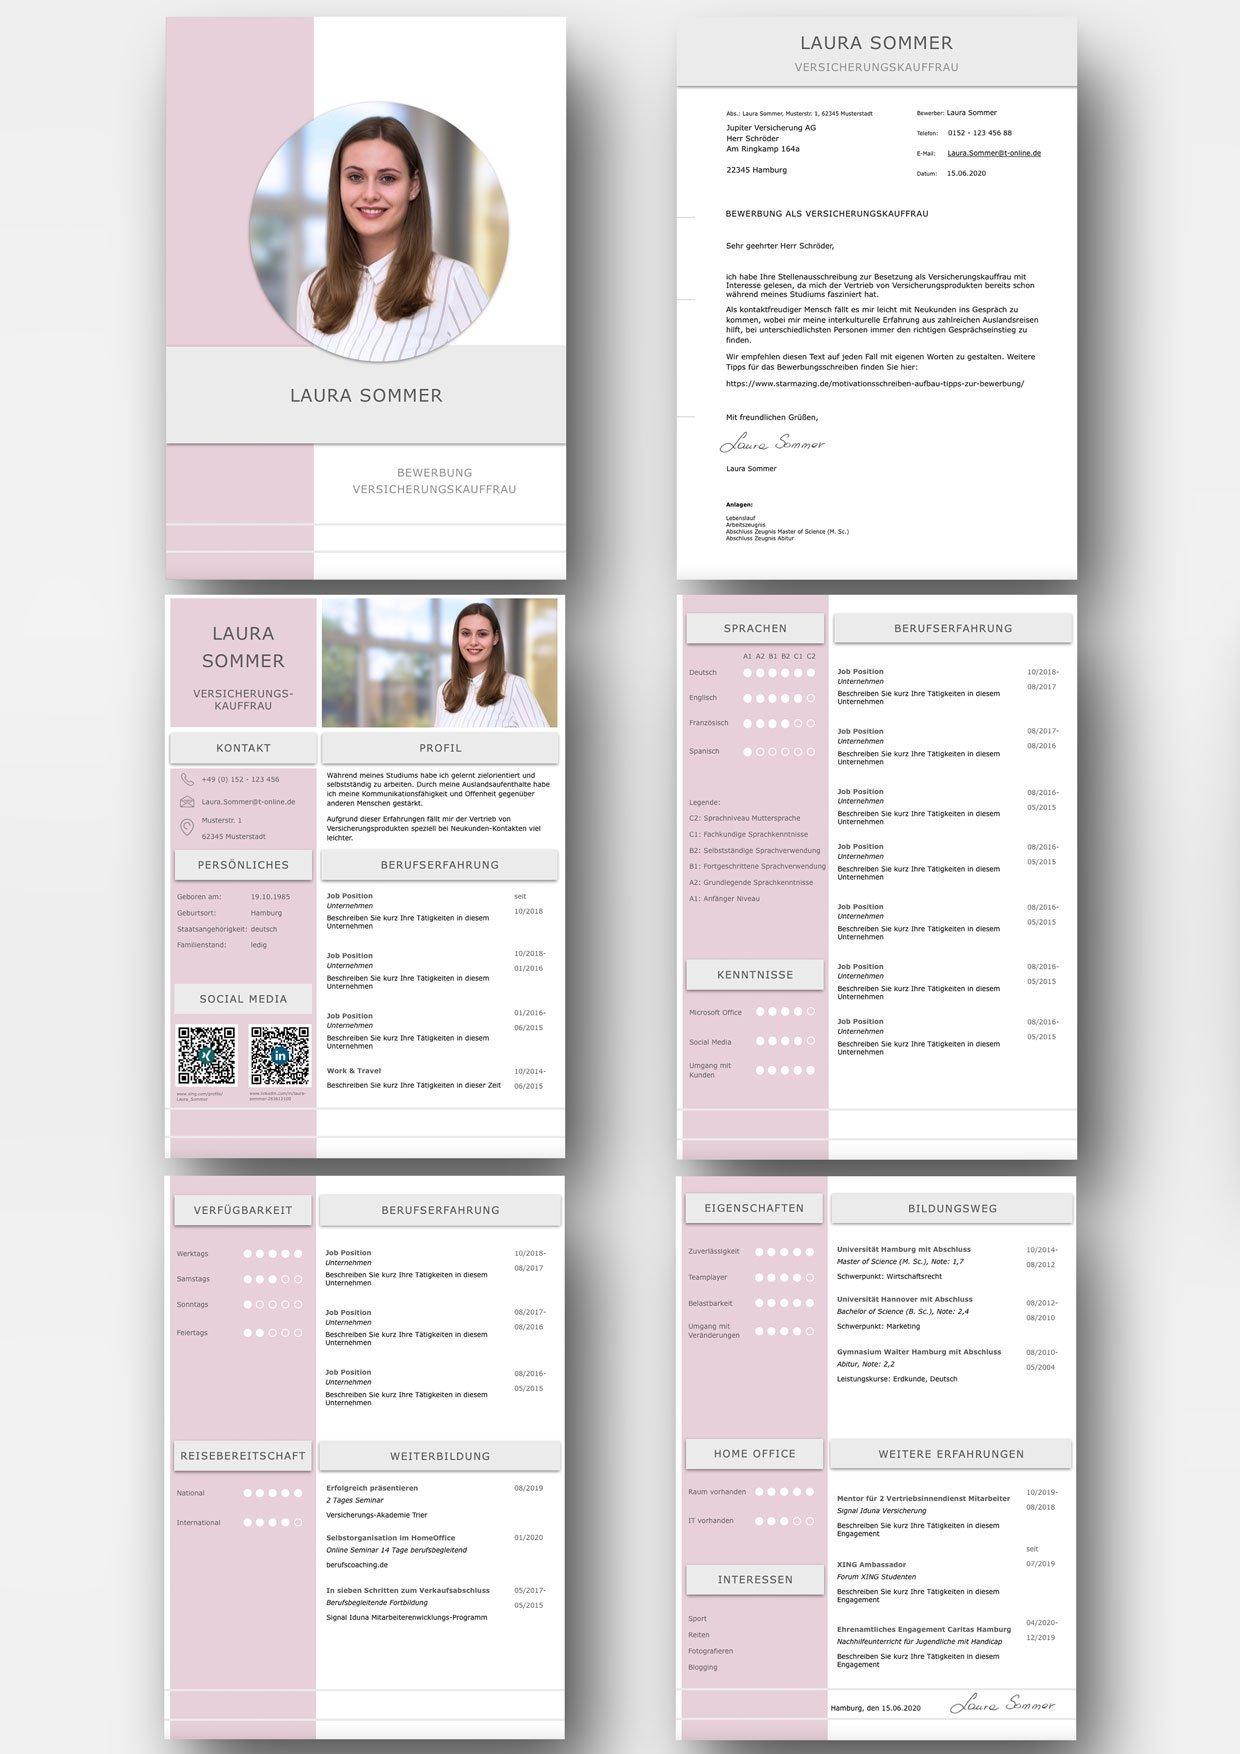 Bewerbung in moderner Lavendel Farbabstimmung. Diese Bewerbungsvorlage ist modern strukturiert und signalisiert: Wer sich so präsentiert, verkauft auch sein künftiges Unternehmen erstklassig. Das sehen Personaler sofort. 5 Seiten als Download für Word und Pages. Enthält ein Deckblatt, Bewerbungsanschreiben, Lebenslauf mit Profil, CV Folgeseite, Ausbildung + weitere Erfahrung. Optimiert für Ausdruck und PDF-Export.